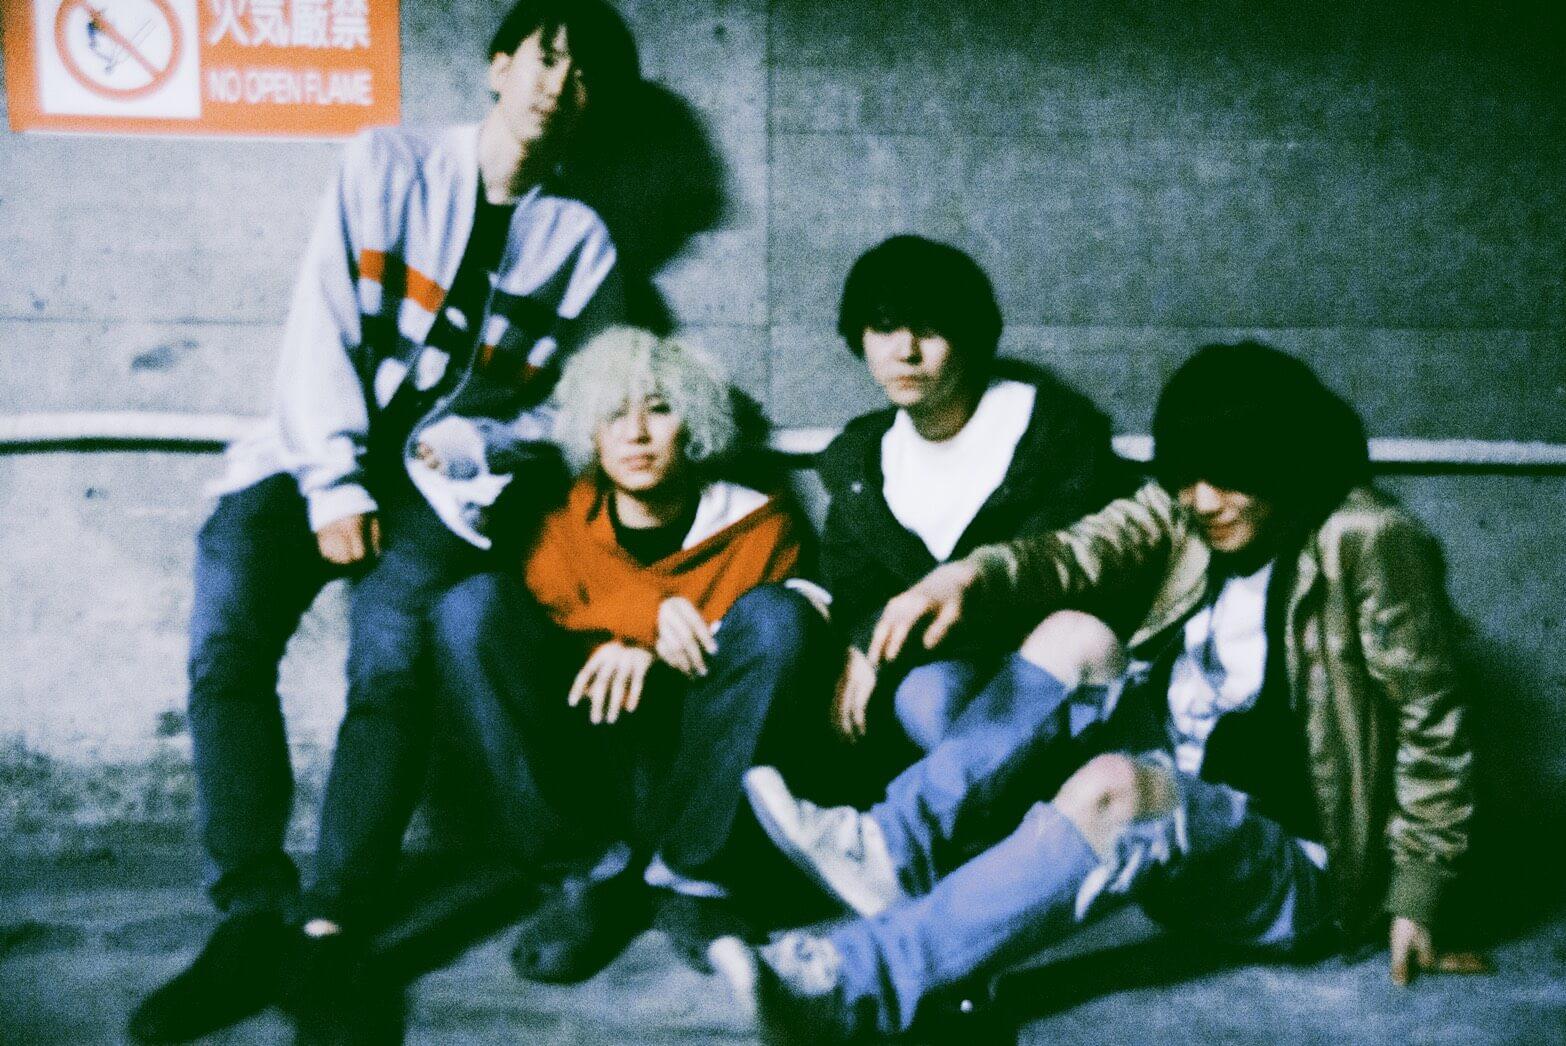 ROKI 1stミニアルバム『HEARTFIELD』よりMV第二弾「夜行列車」を公開サムネイル画像